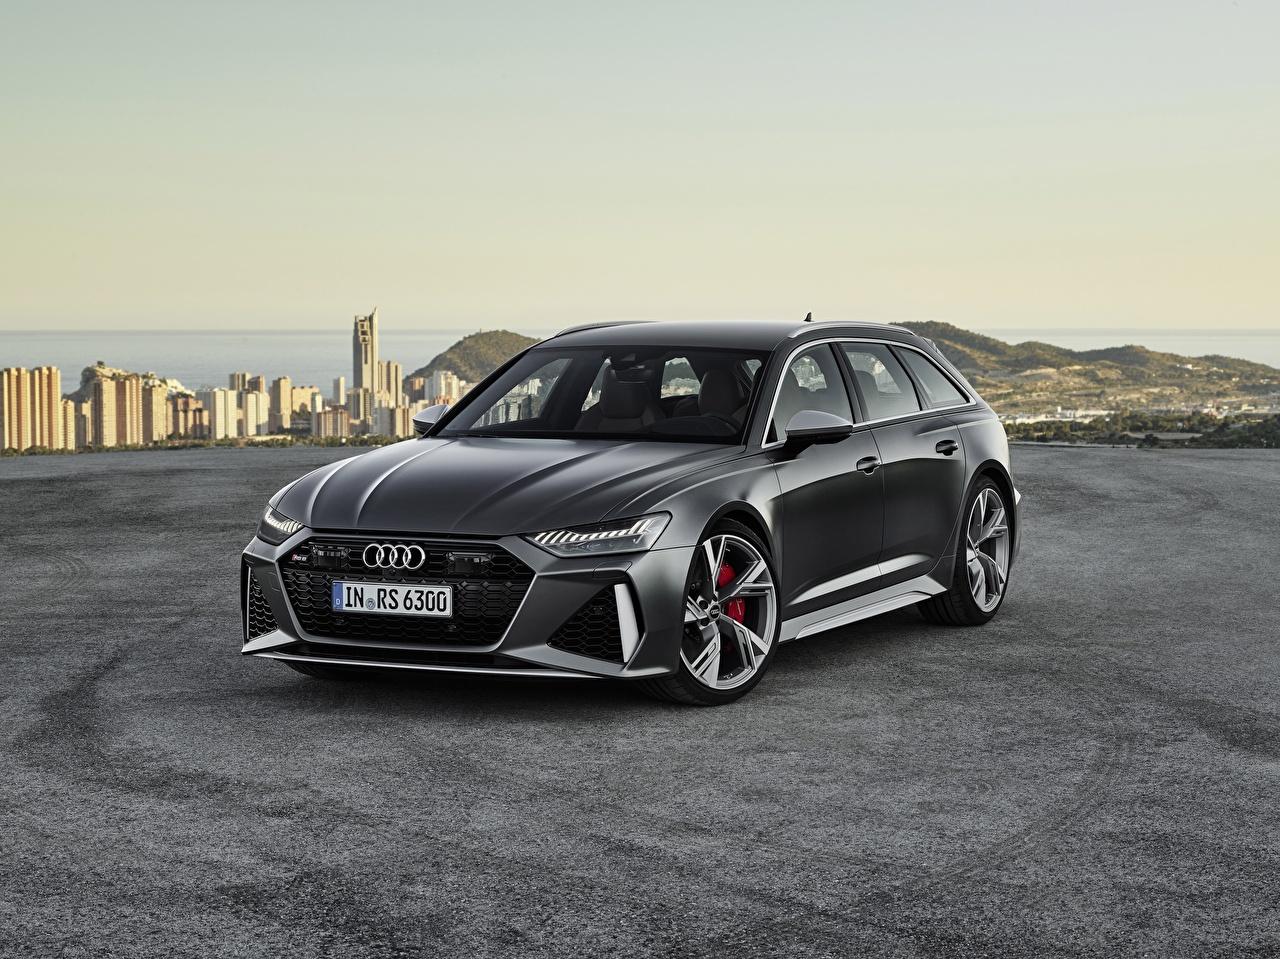 Фотография Ауди Универсал Avant RS 6 2019 серая машина Audi серые Серый авто машины автомобиль Автомобили